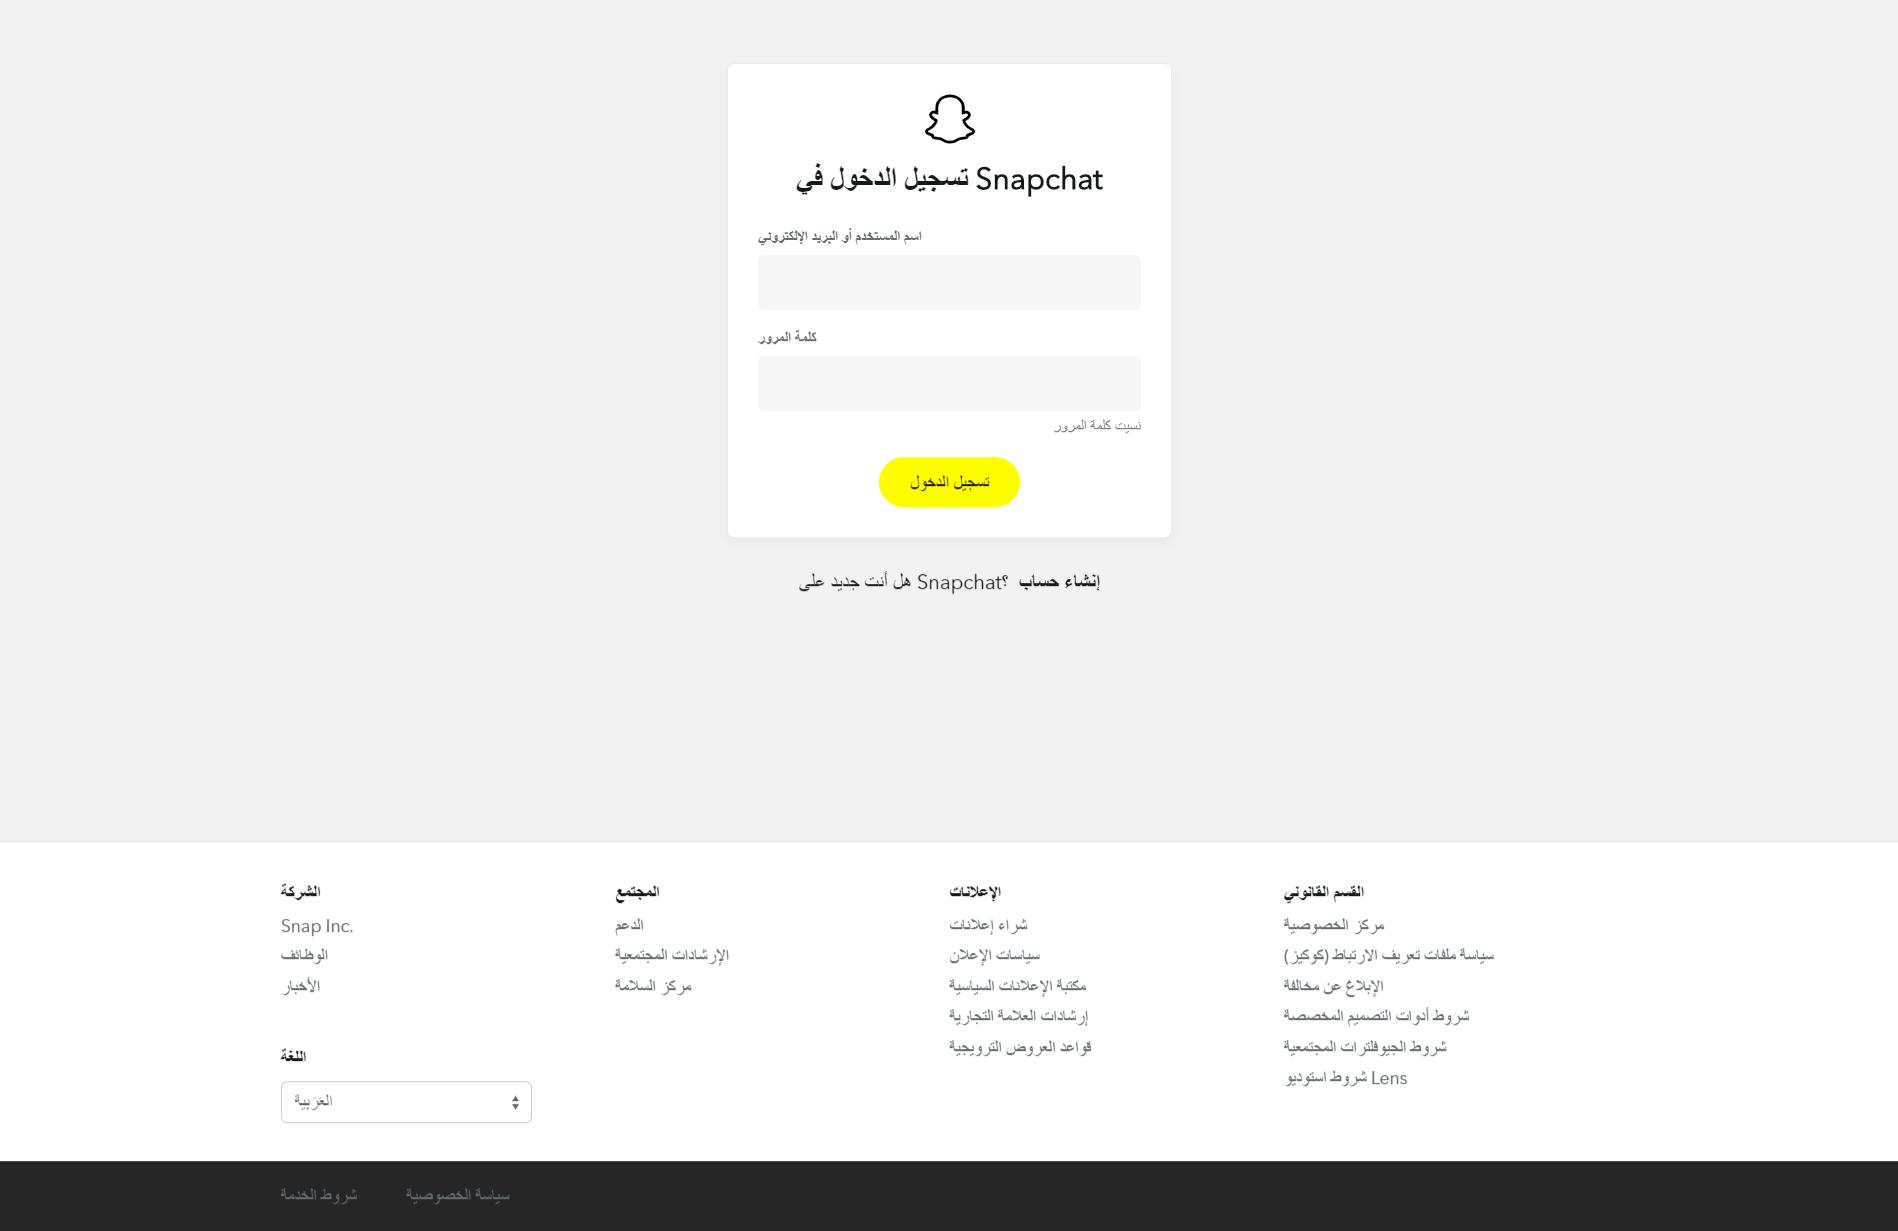 صفحة توعية لمستخدمي سناب شات